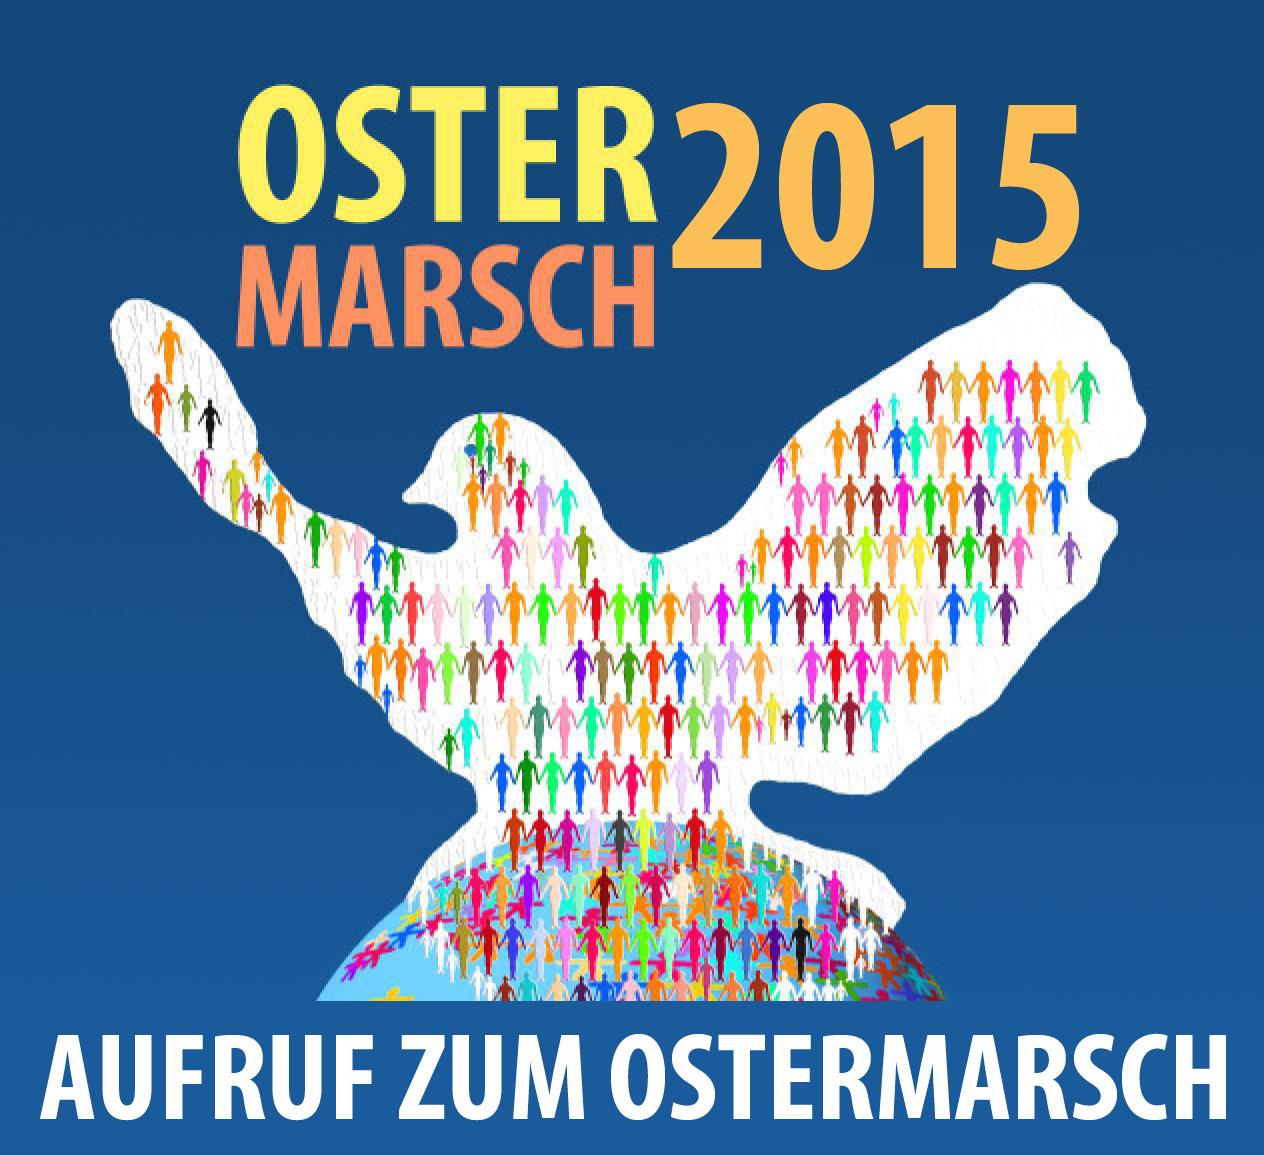 Aufruf zum Ostermarsch 2015